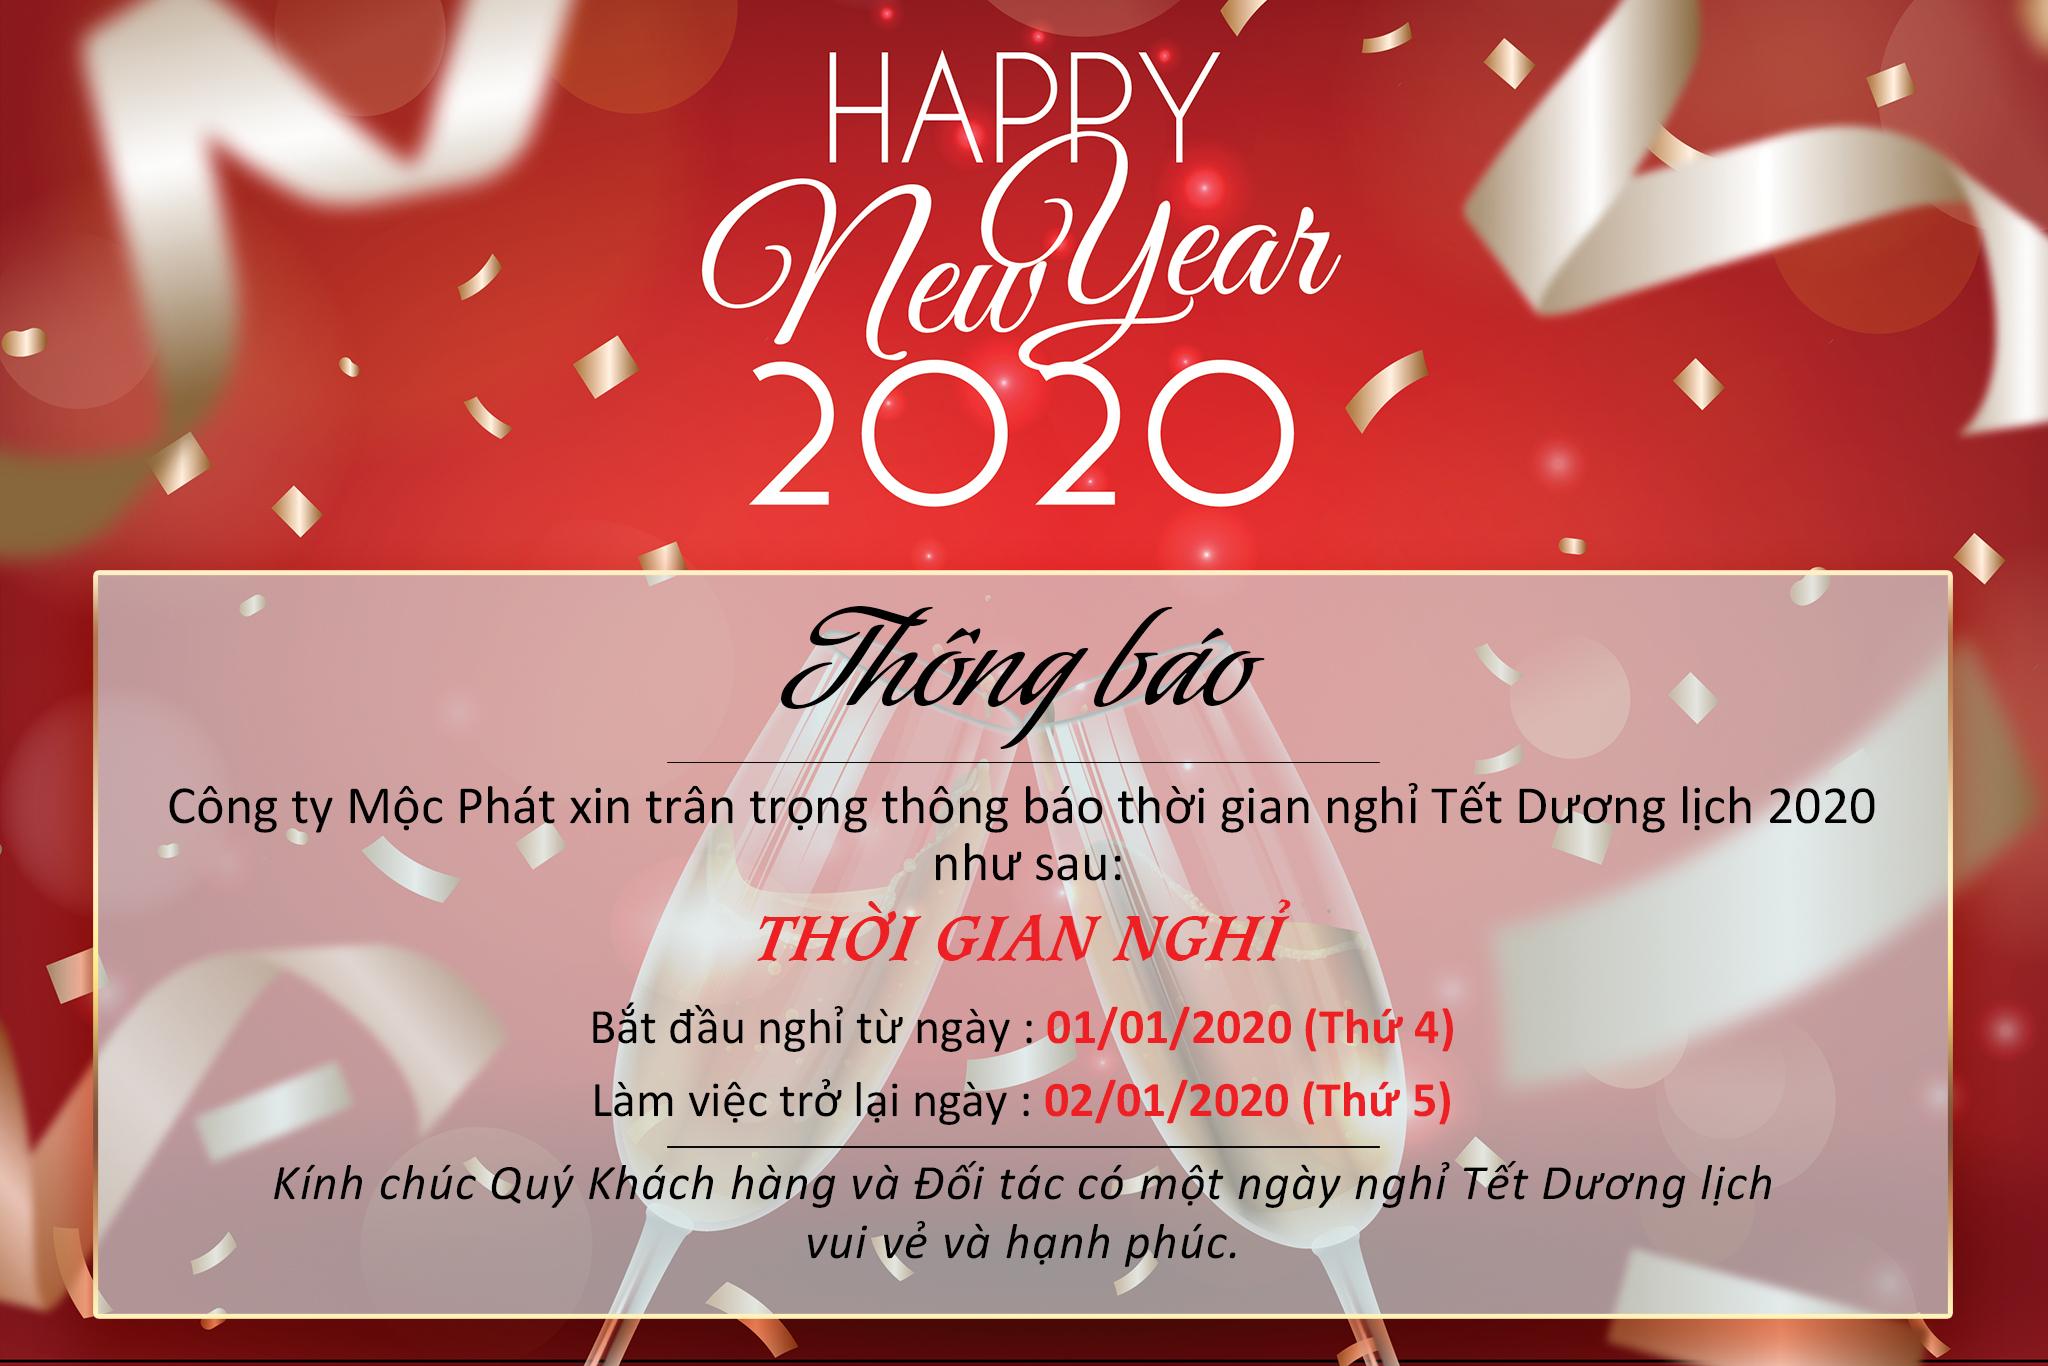 Thông báo nghỉ Tết Dương lịch 2020 1